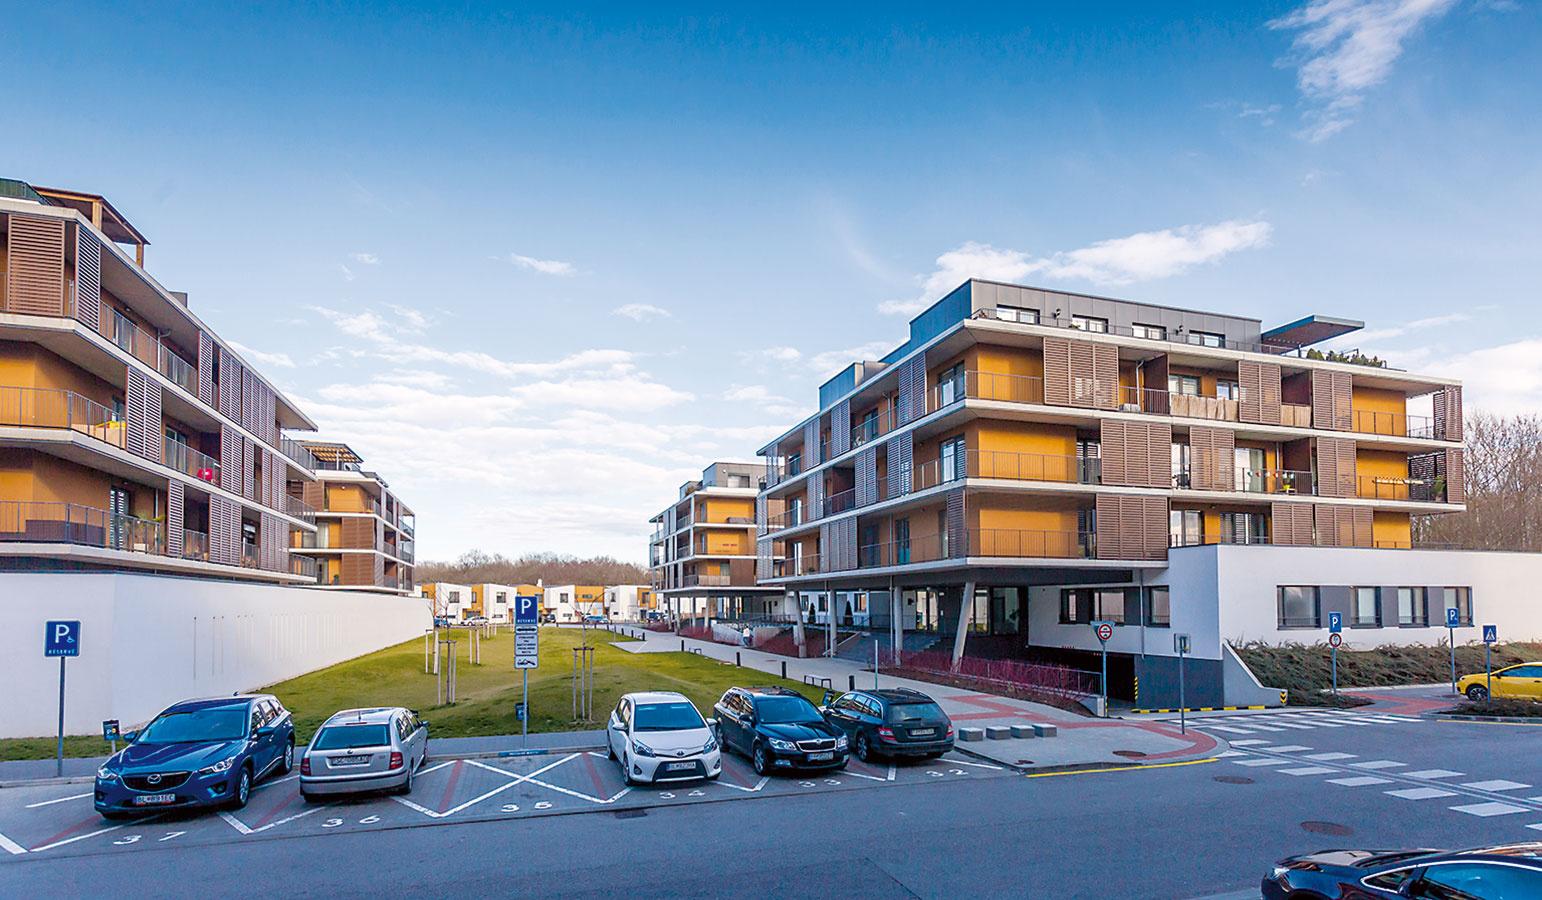 Nová zelená štvrť Petržalky, ktorá susedí smestskou časťou Jarovce, je ambicióznym developerským projektom spoločnosti Cresco Group. Pomerne rozsiahly areál zahŕňa dve zóny – Viladomy aMesto.